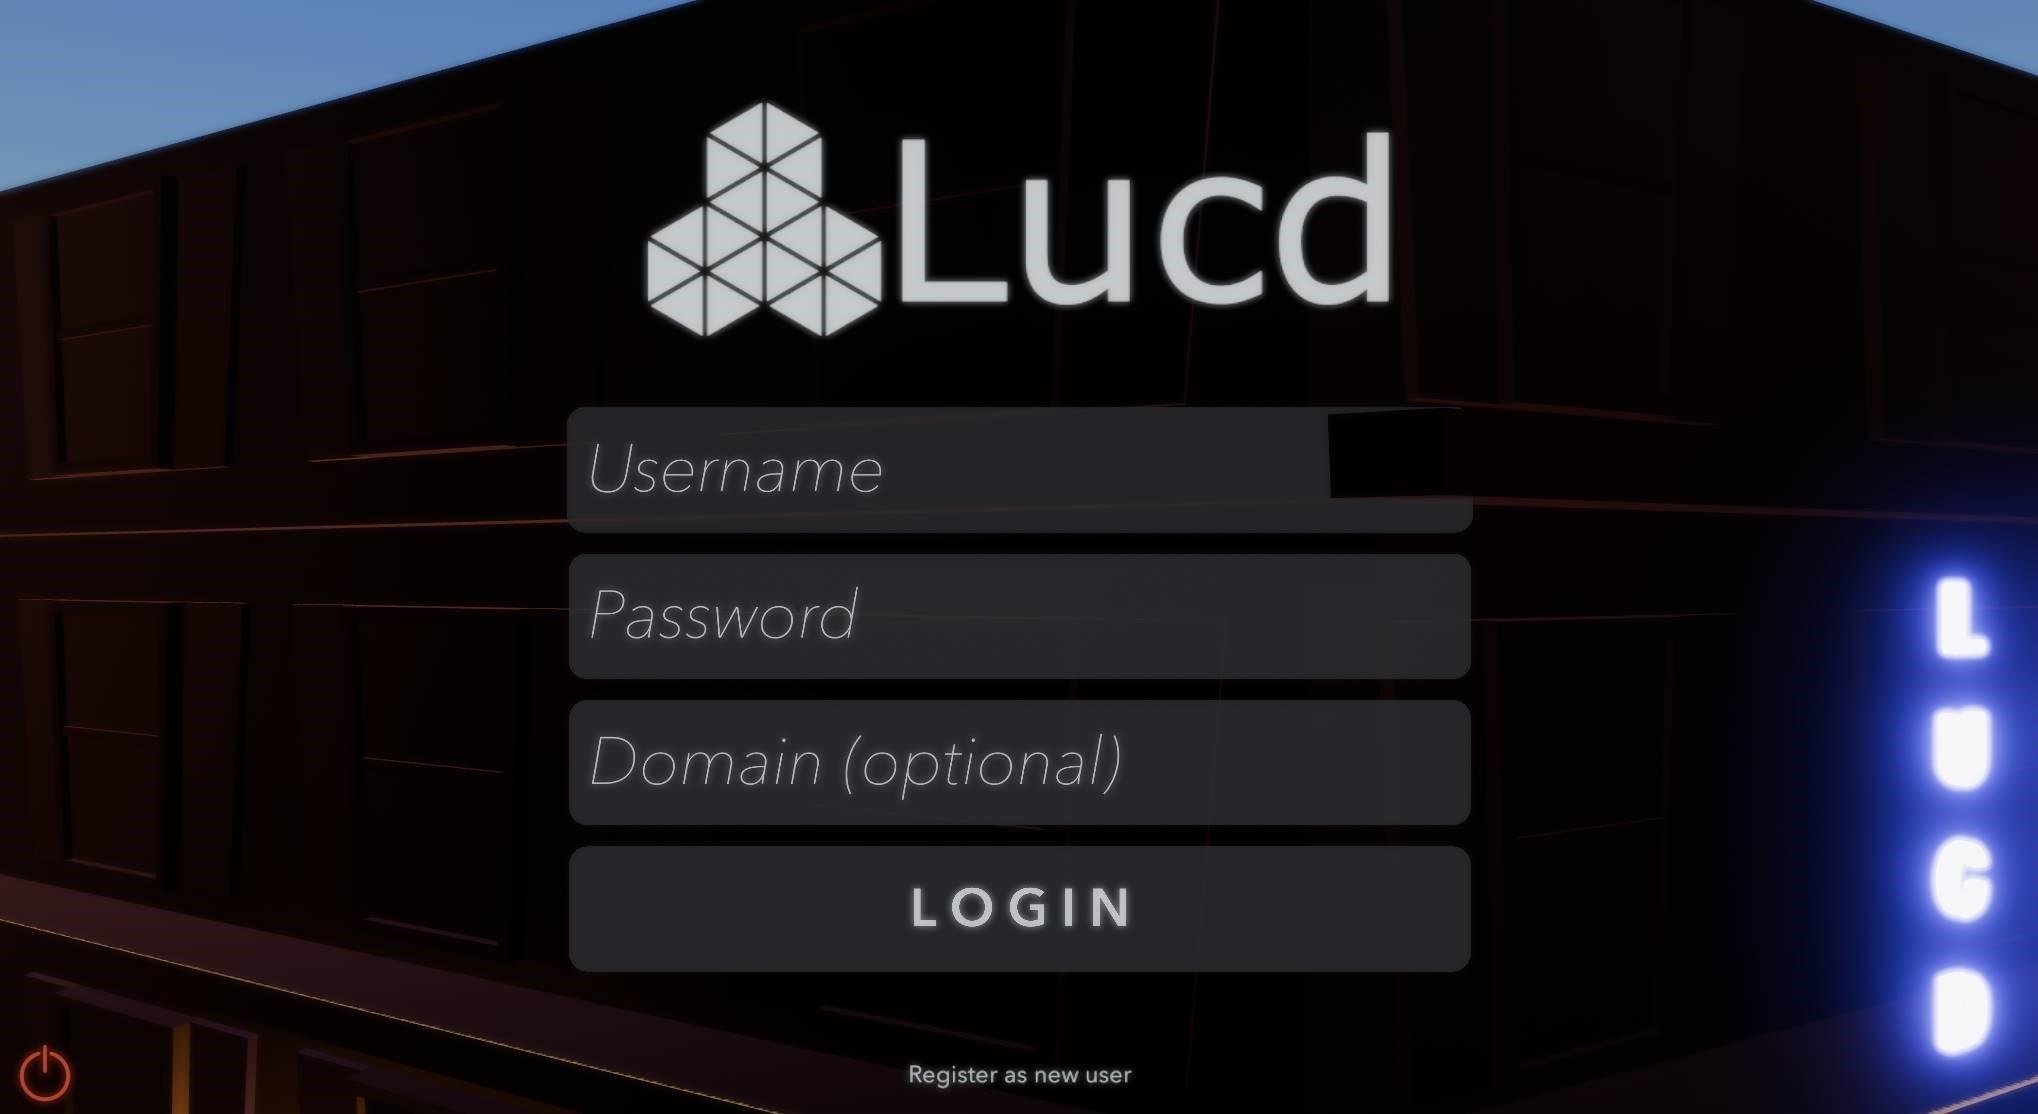 Lucd screenshot